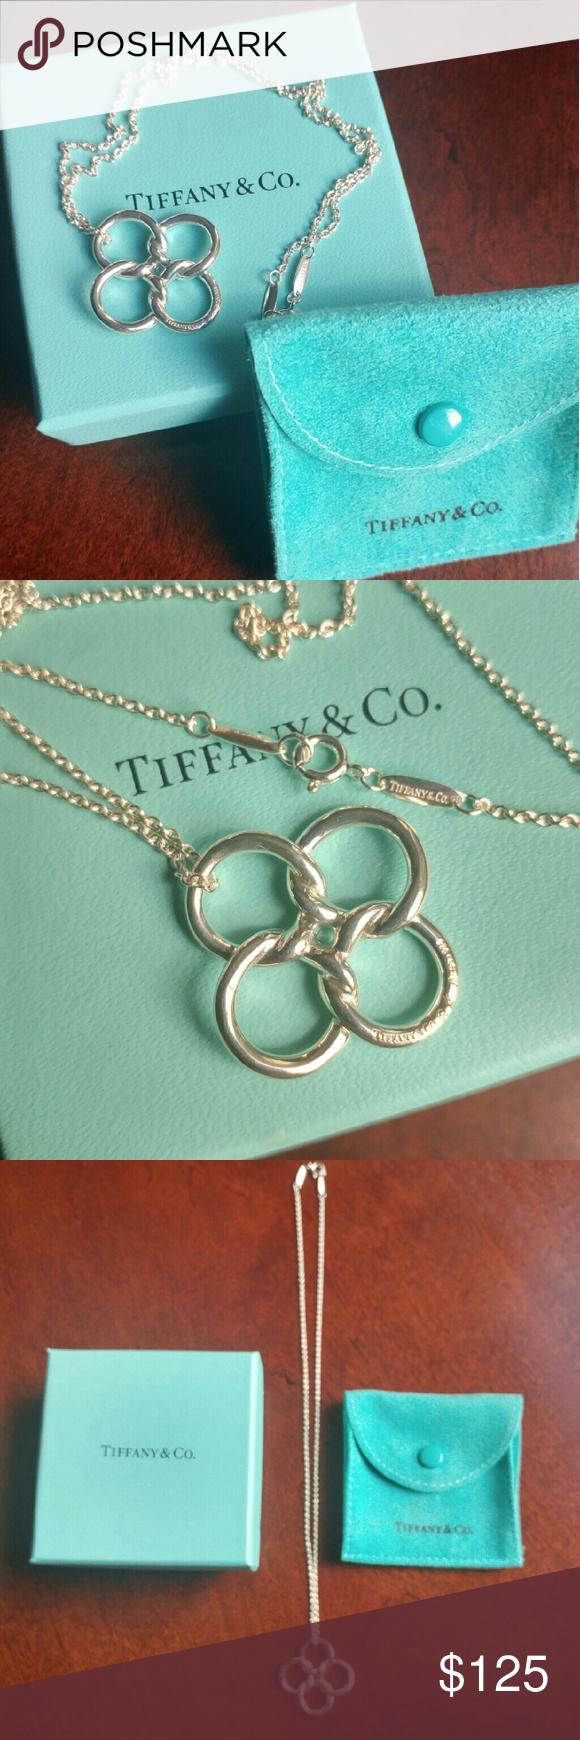 Tiffany 4 leaf clover necklace tiffanyco authentic 16 chain tiffany 4 leaf clover necklace mozeypictures Gallery